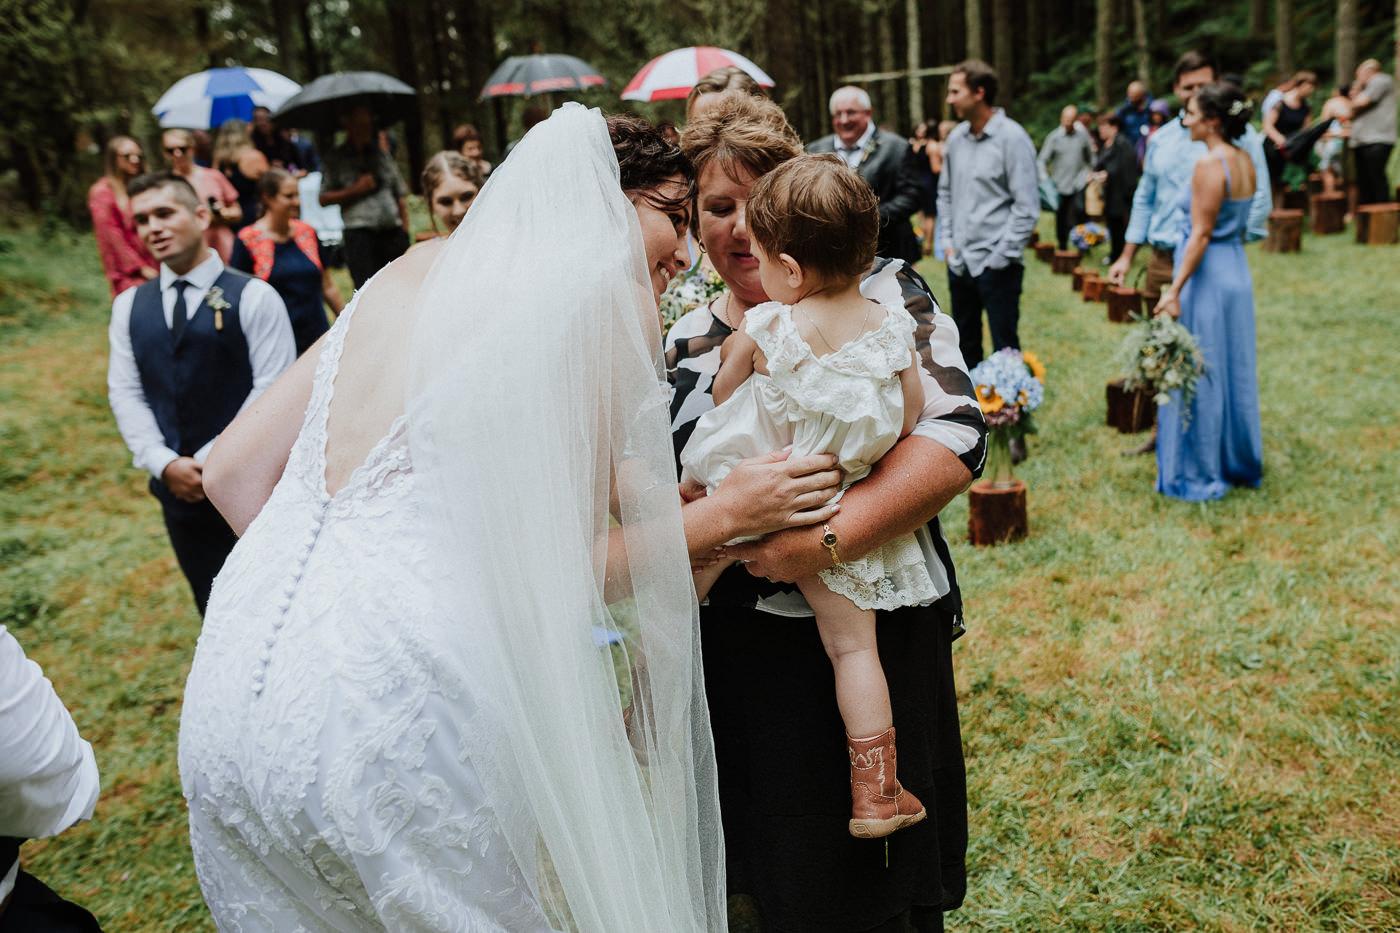 nz_wedding_photographer_gisborne-1149.jpg